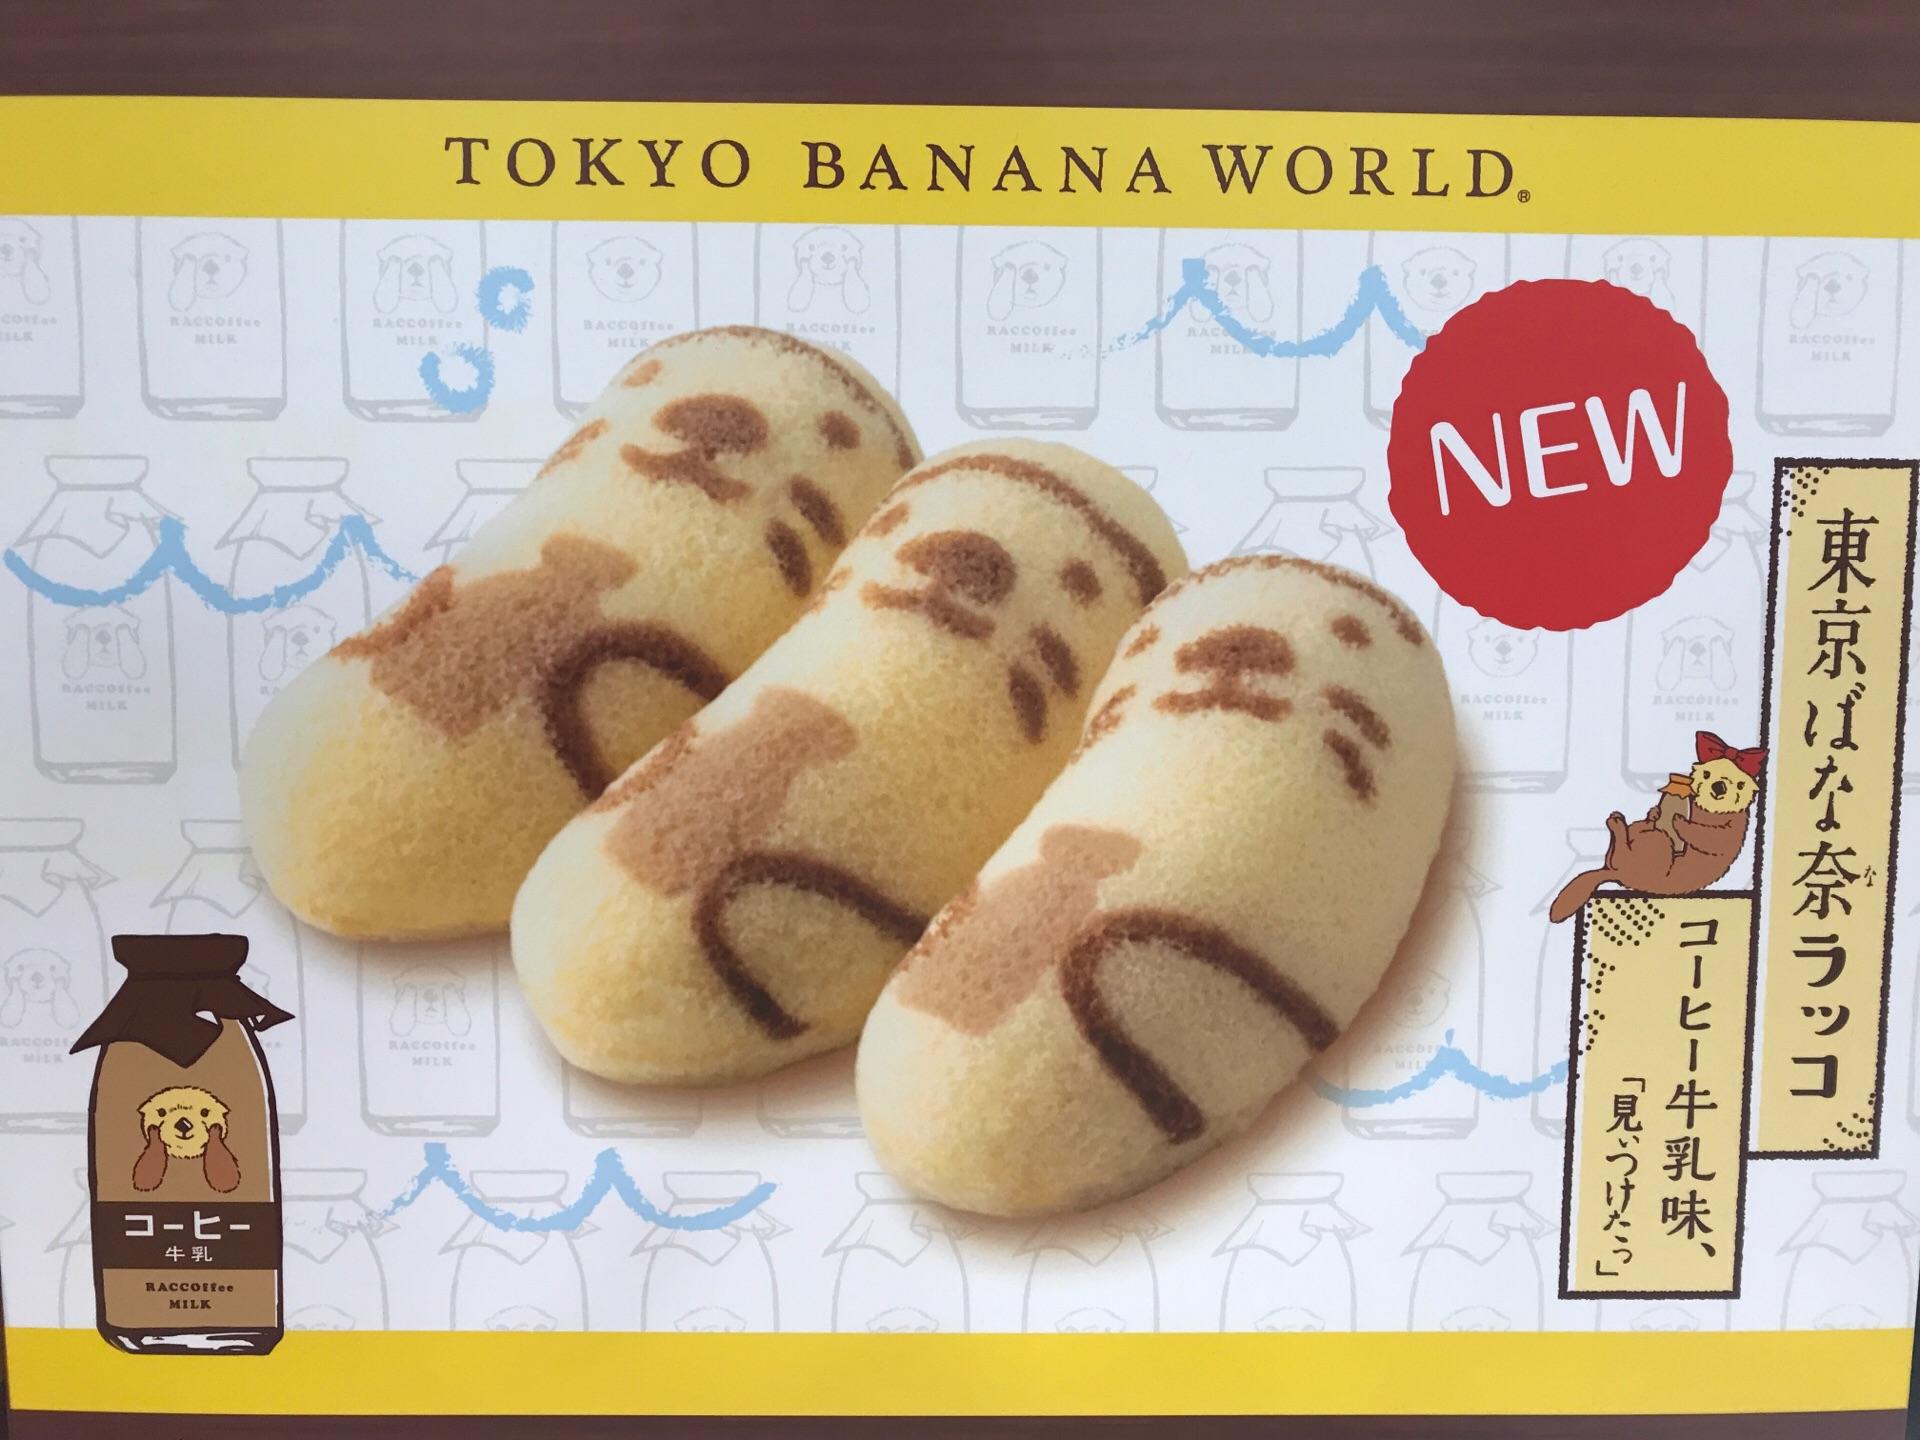 【帰省みやげ】なにコレ可愛すぎる!東京土産のド定番《東京ばな奈》がラッコになっちゃった♡_2